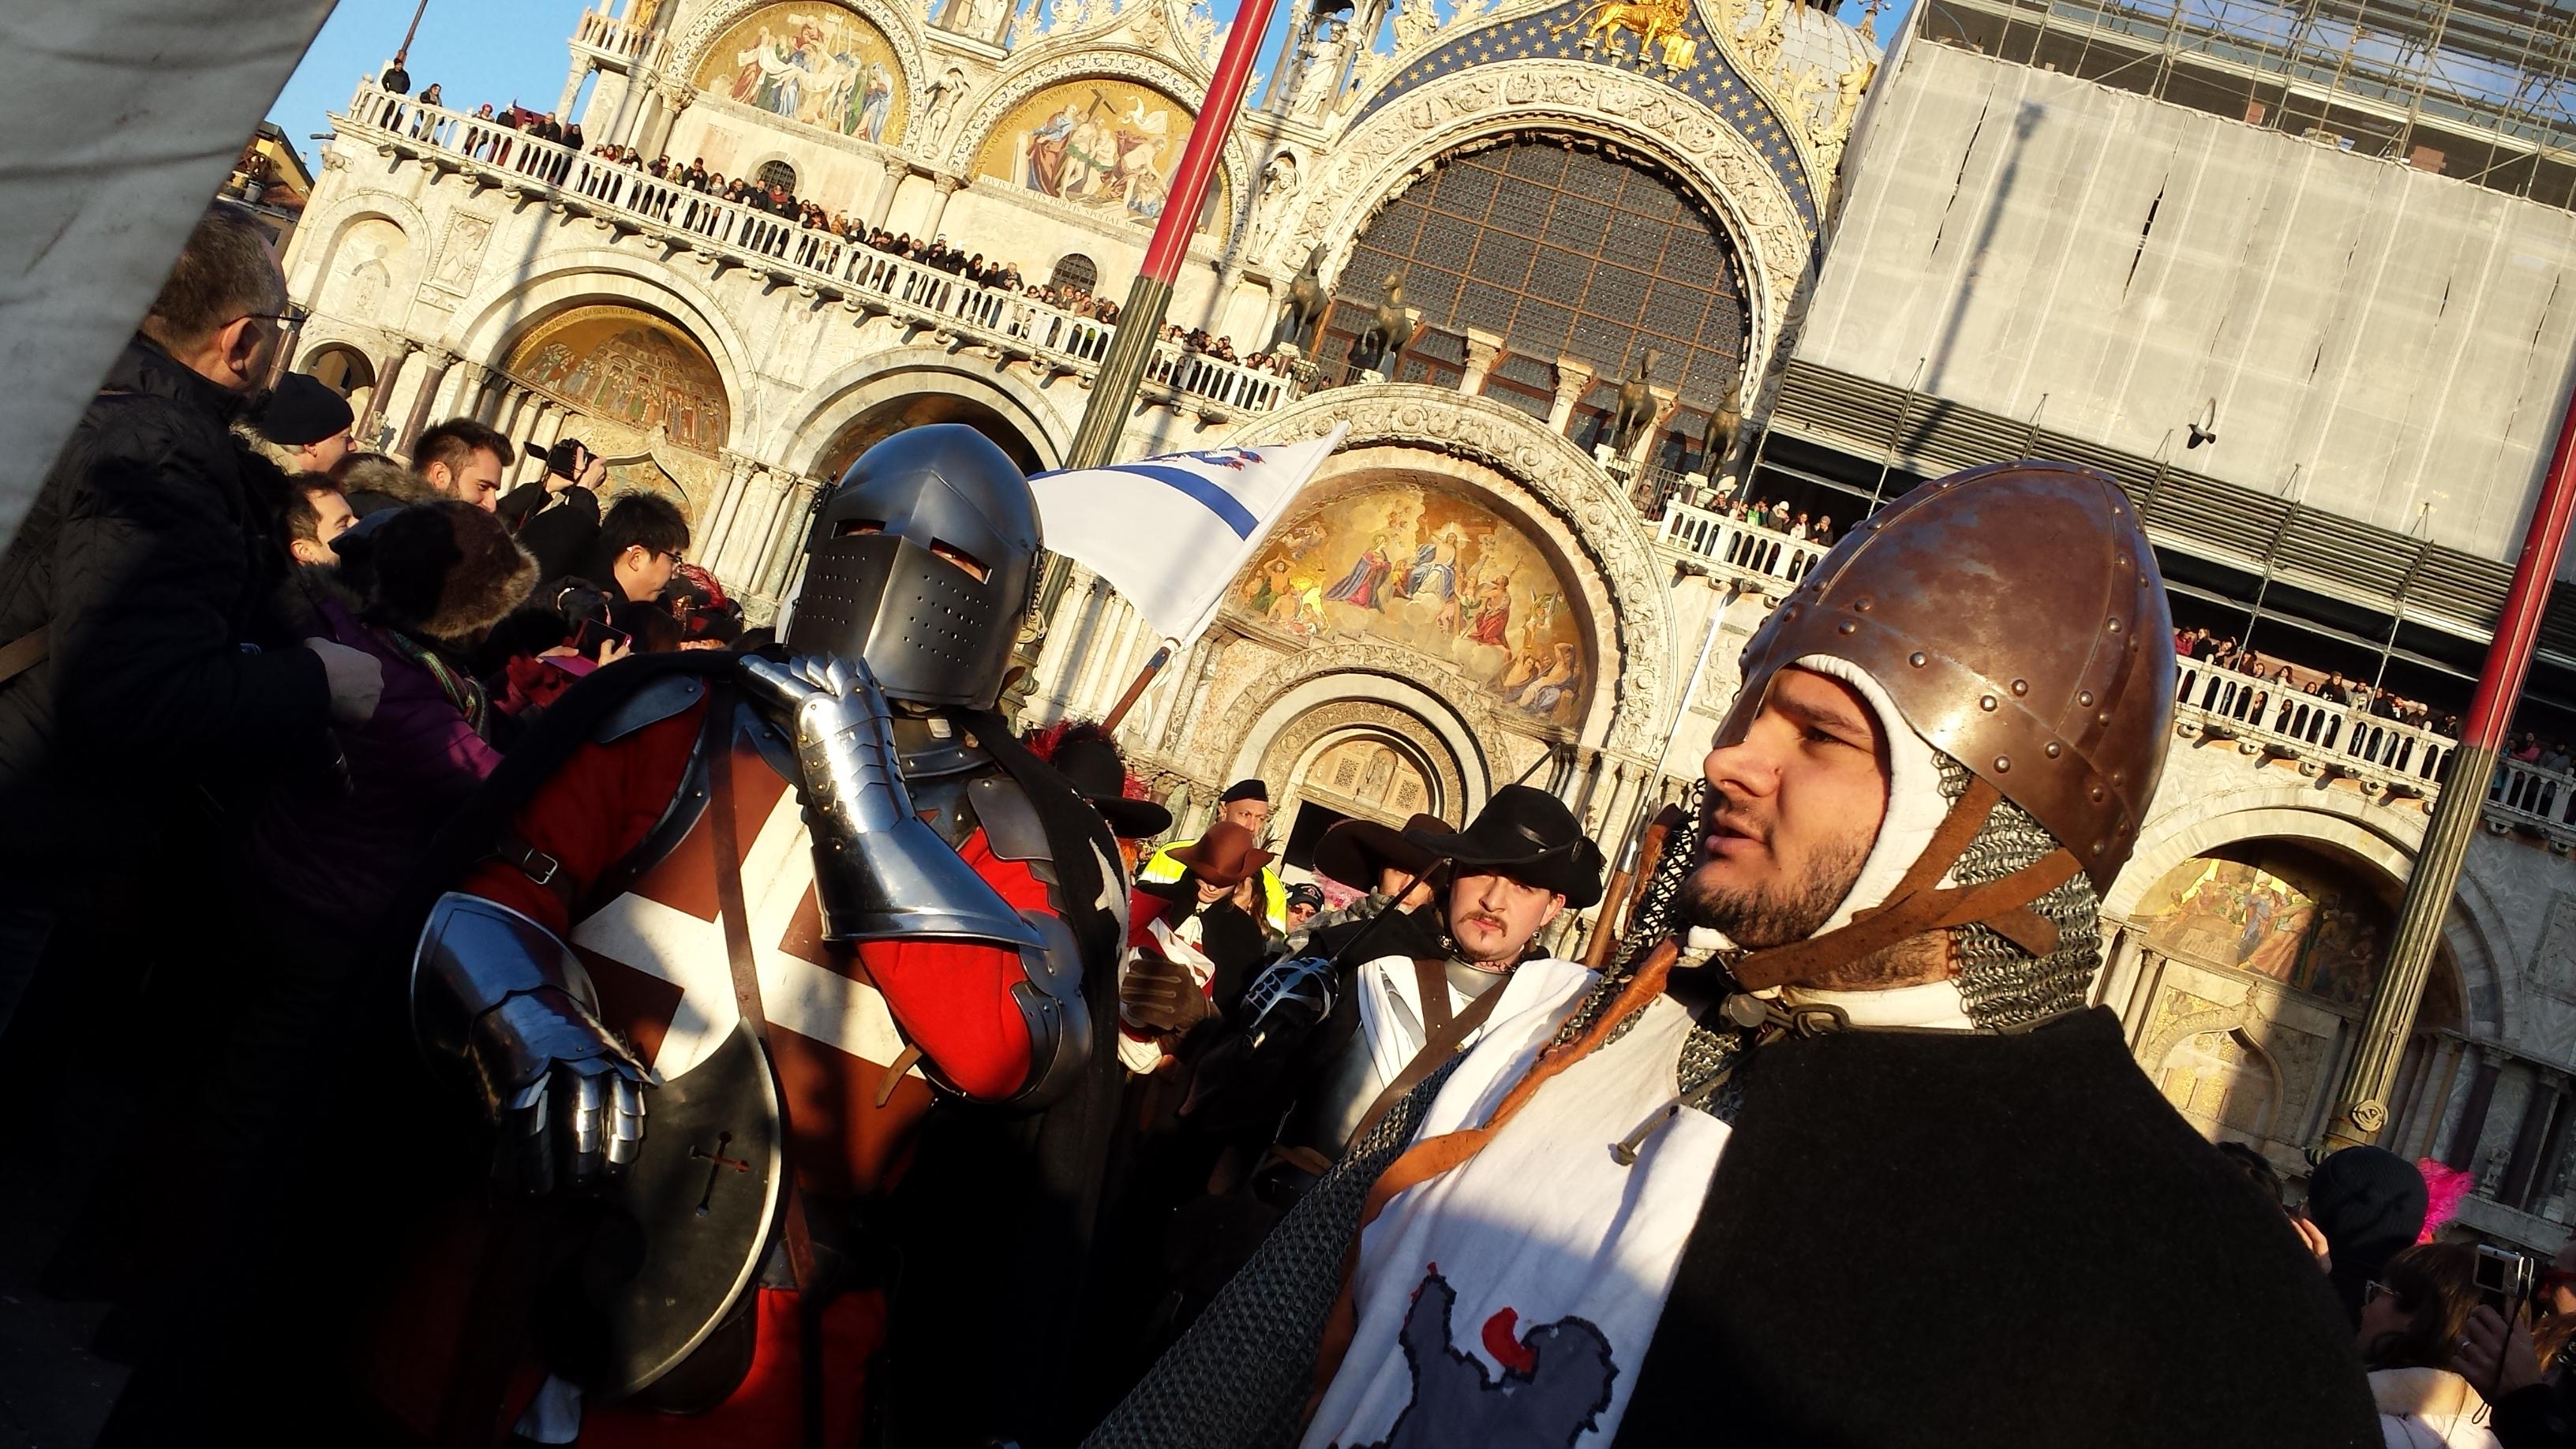 Venezia sfilata storica